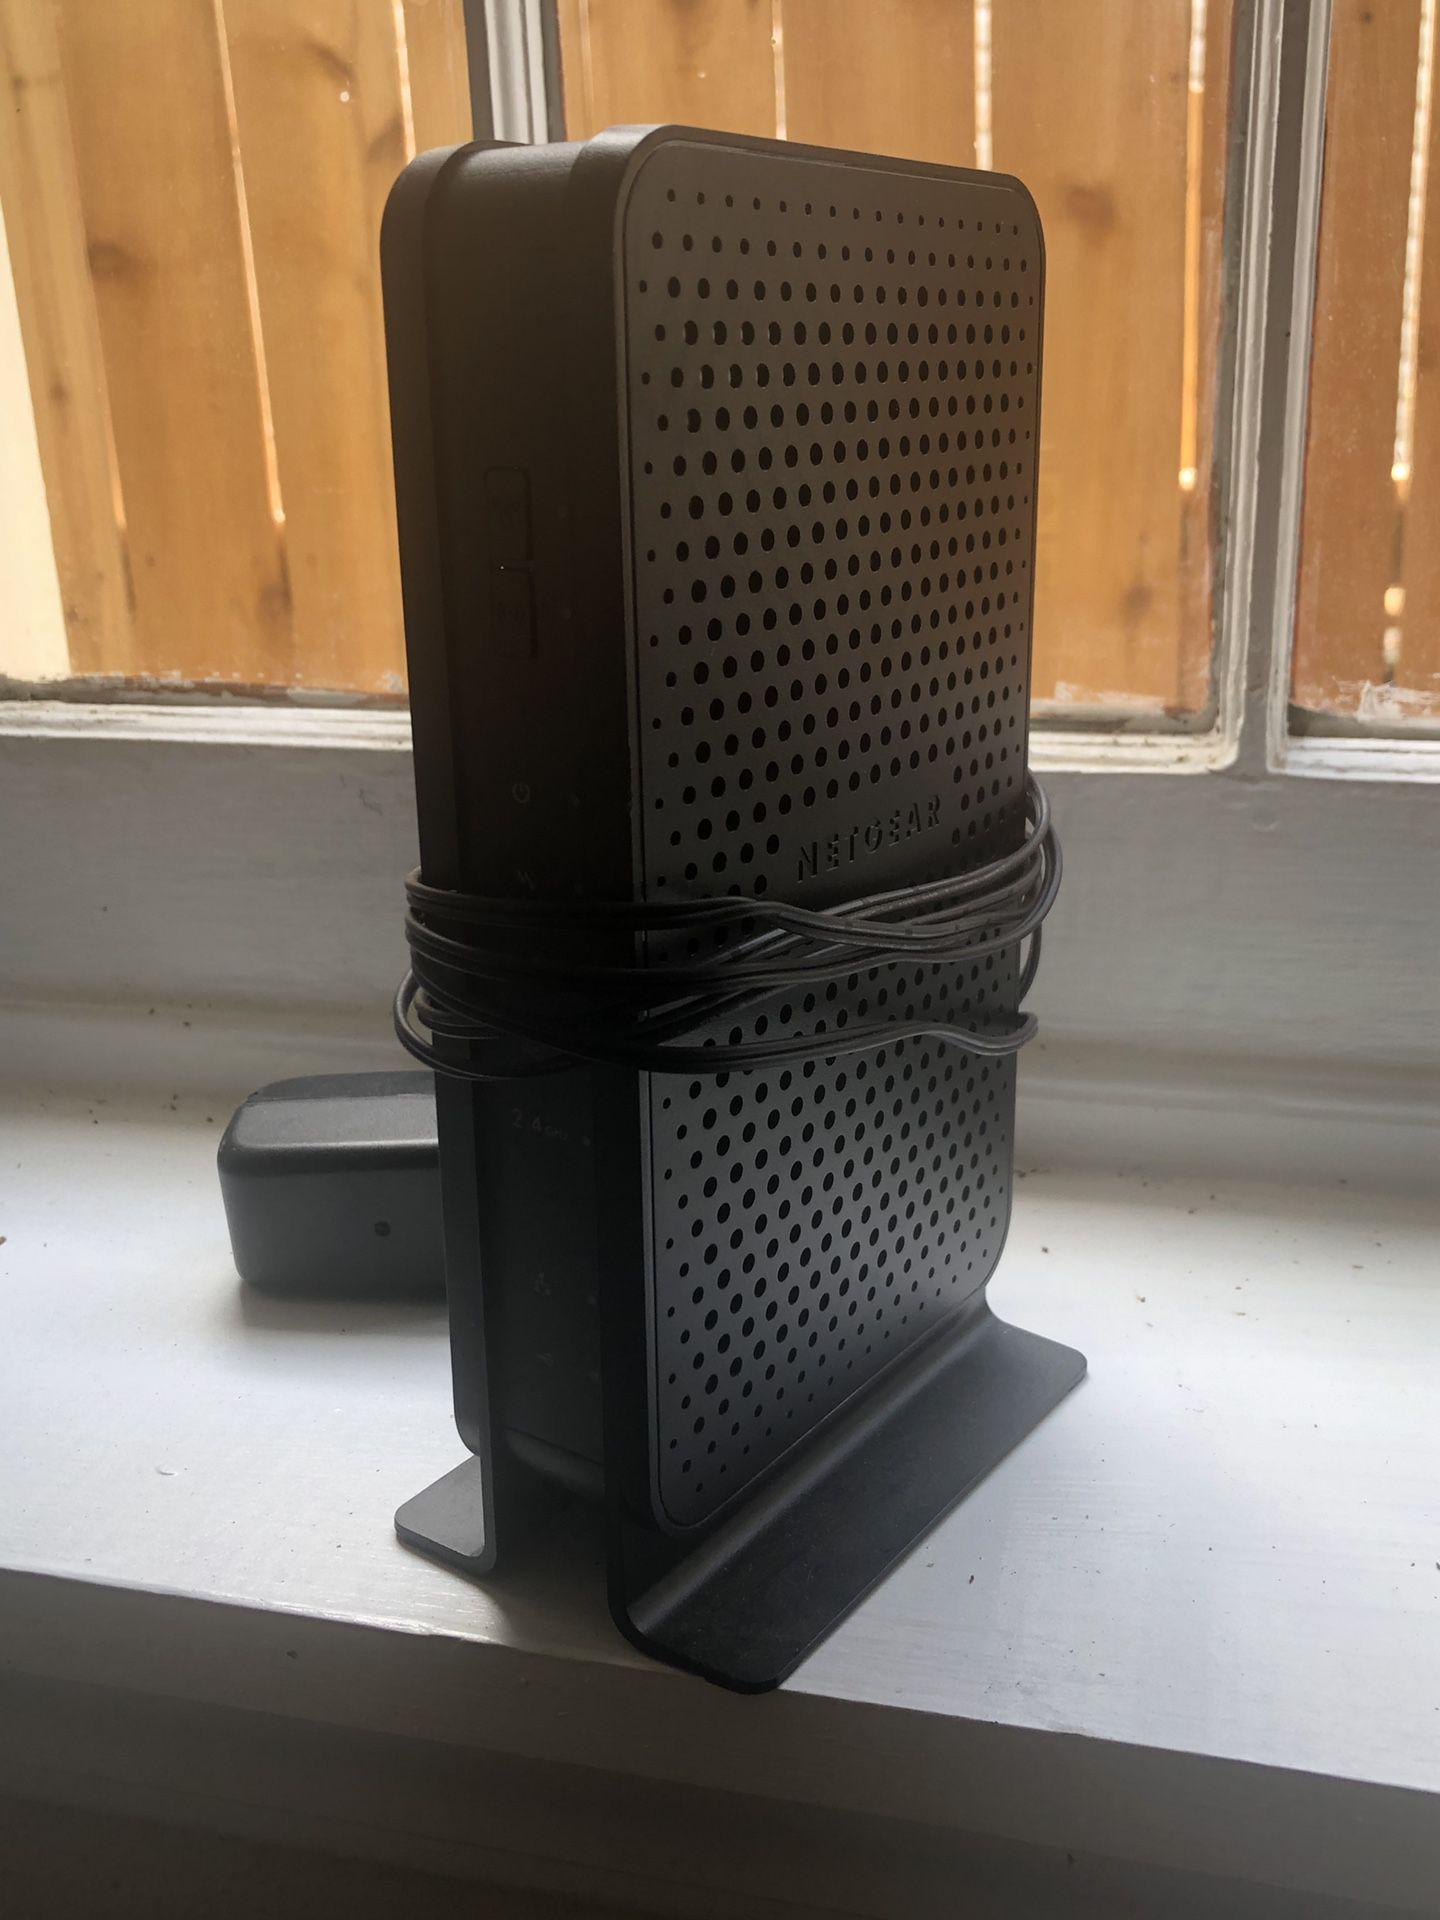 Netgear N300 WiFi Modem Router